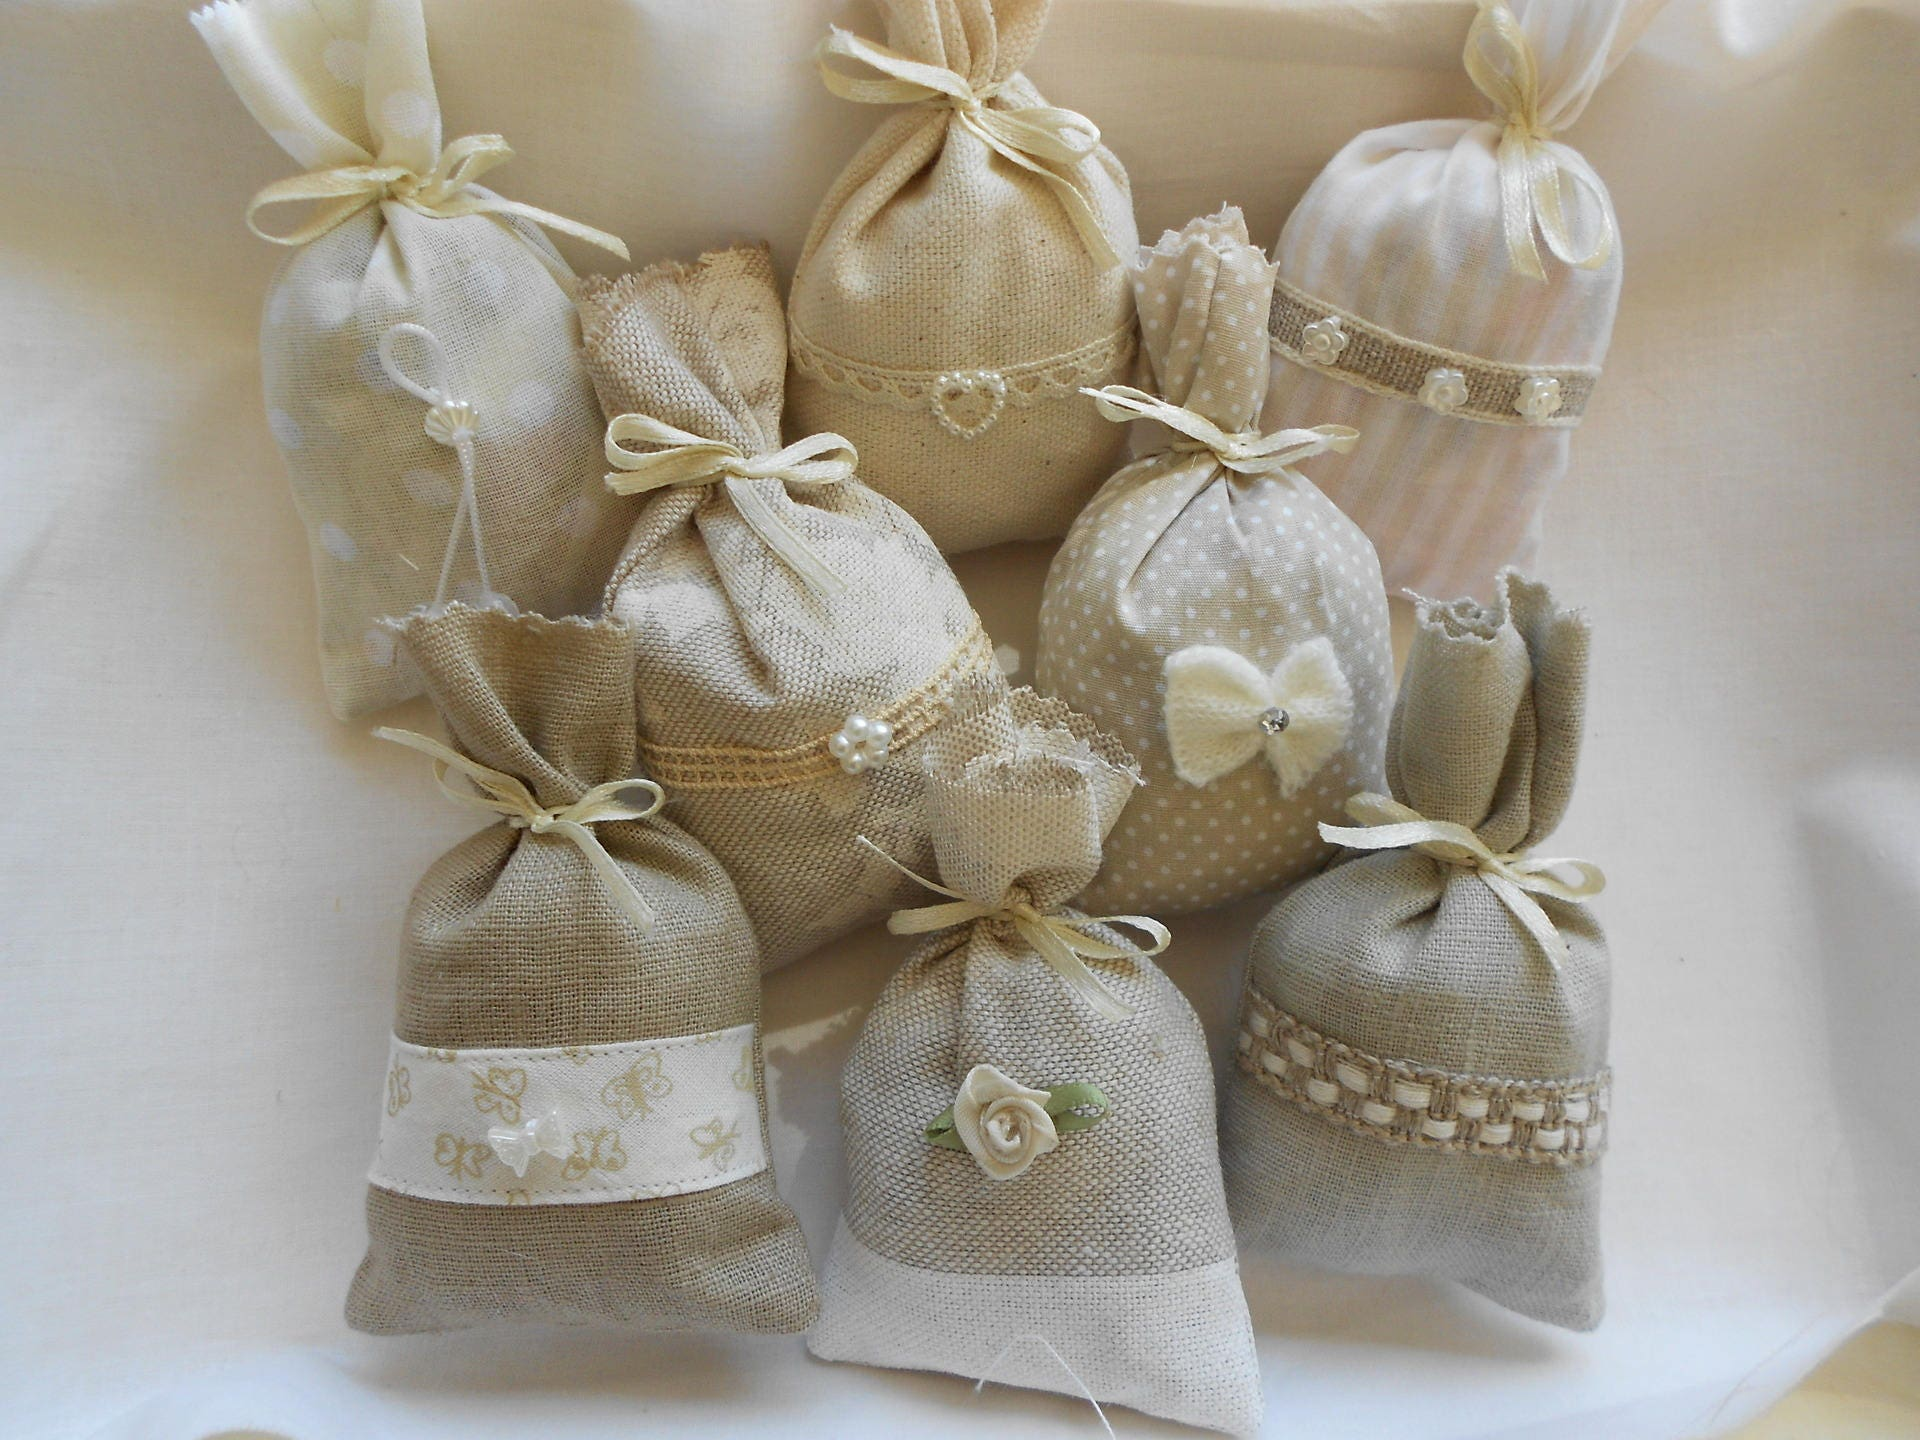 SACHET PARFUME LAVANDE De Provence Collection Shabby